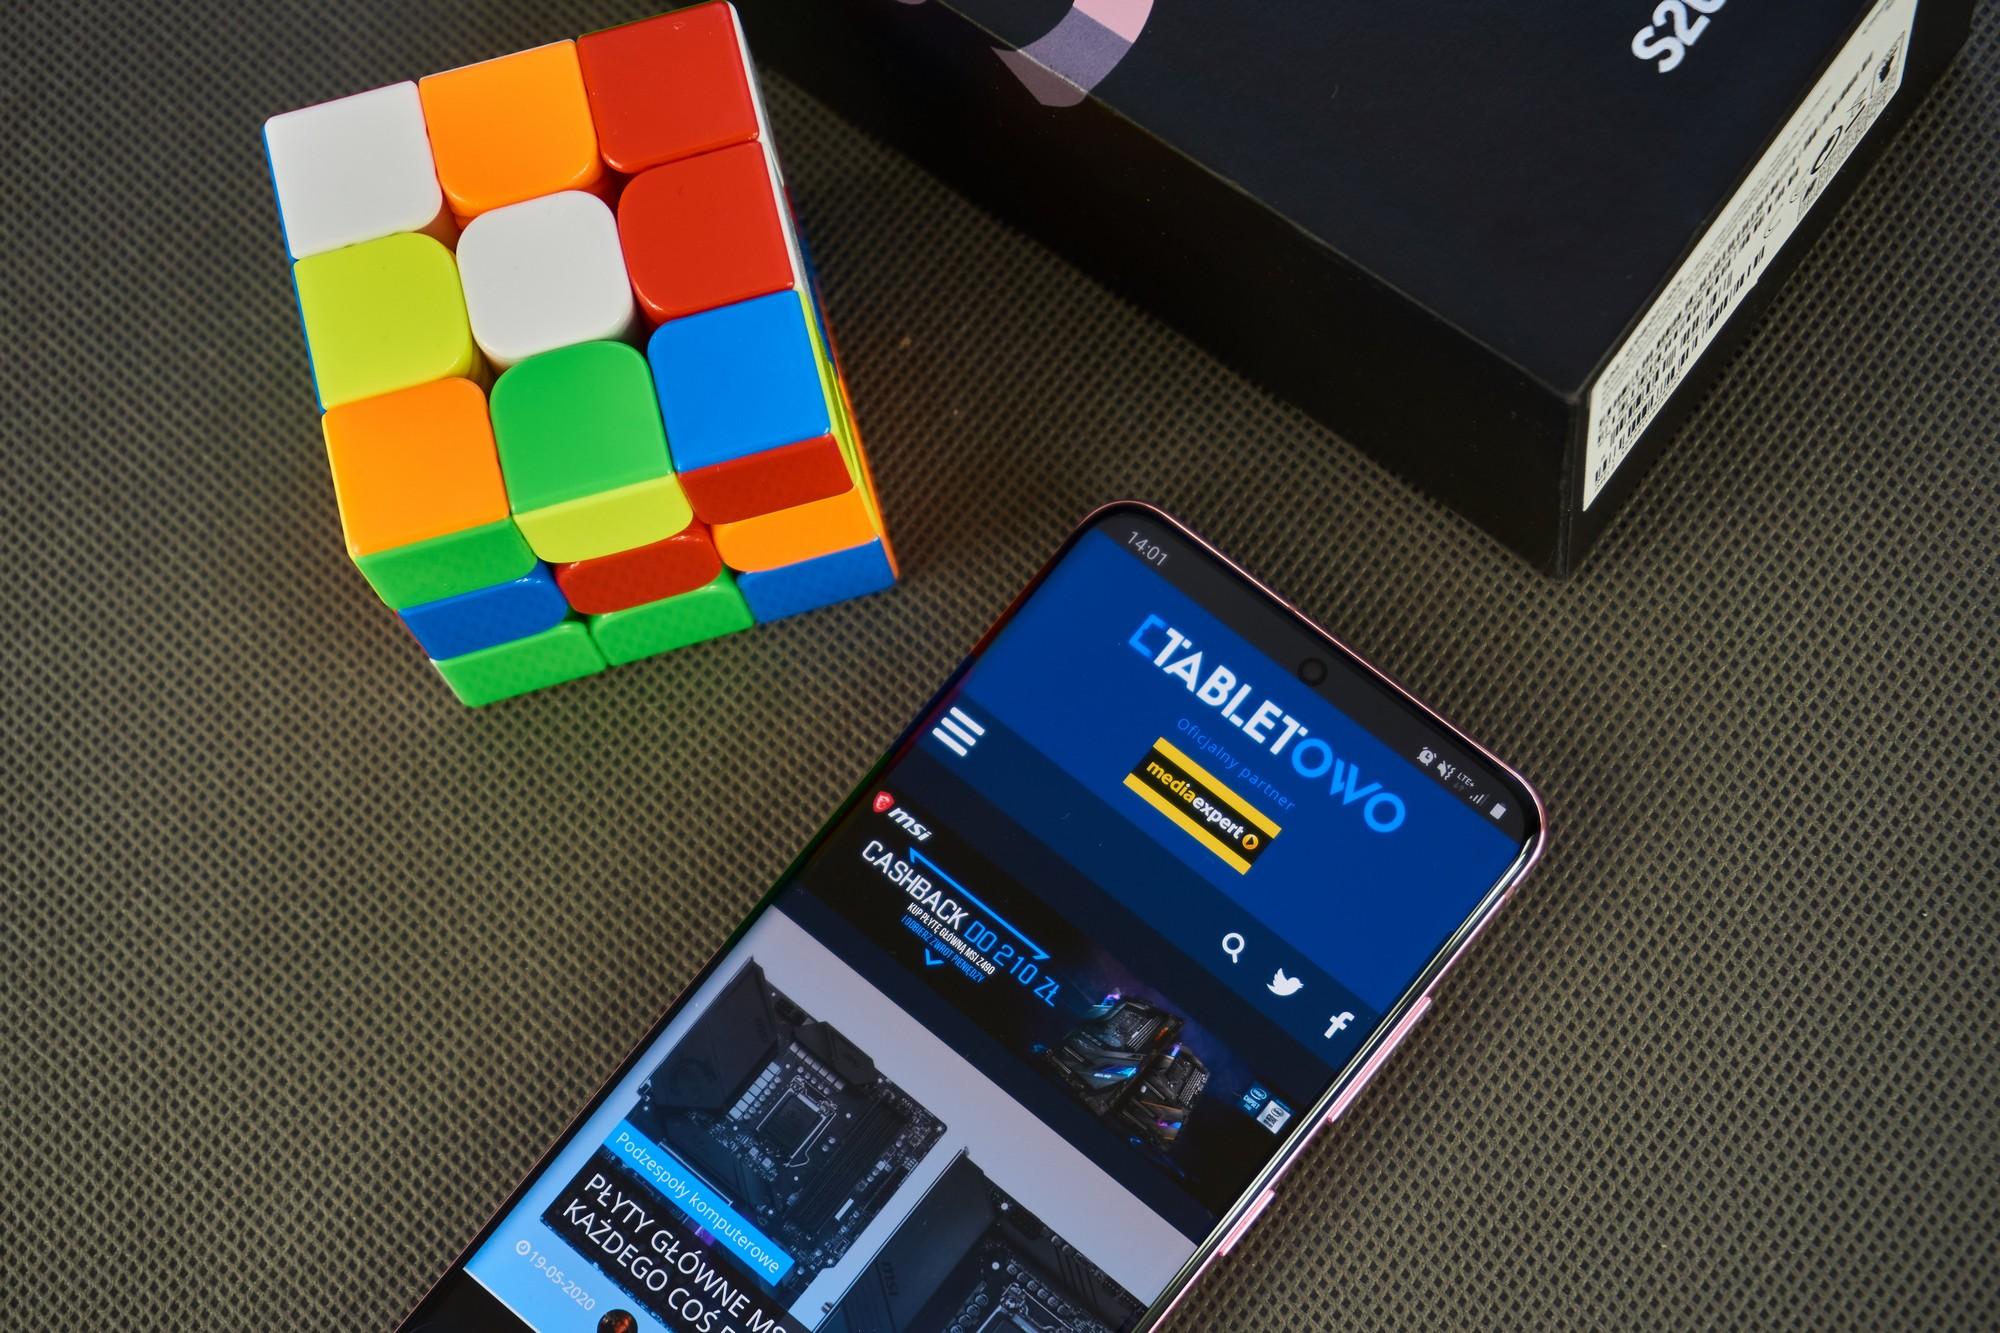 Wodoszczelny smartfon - co to oznacza? I jakie modele warto kupić? (poradnik) 27